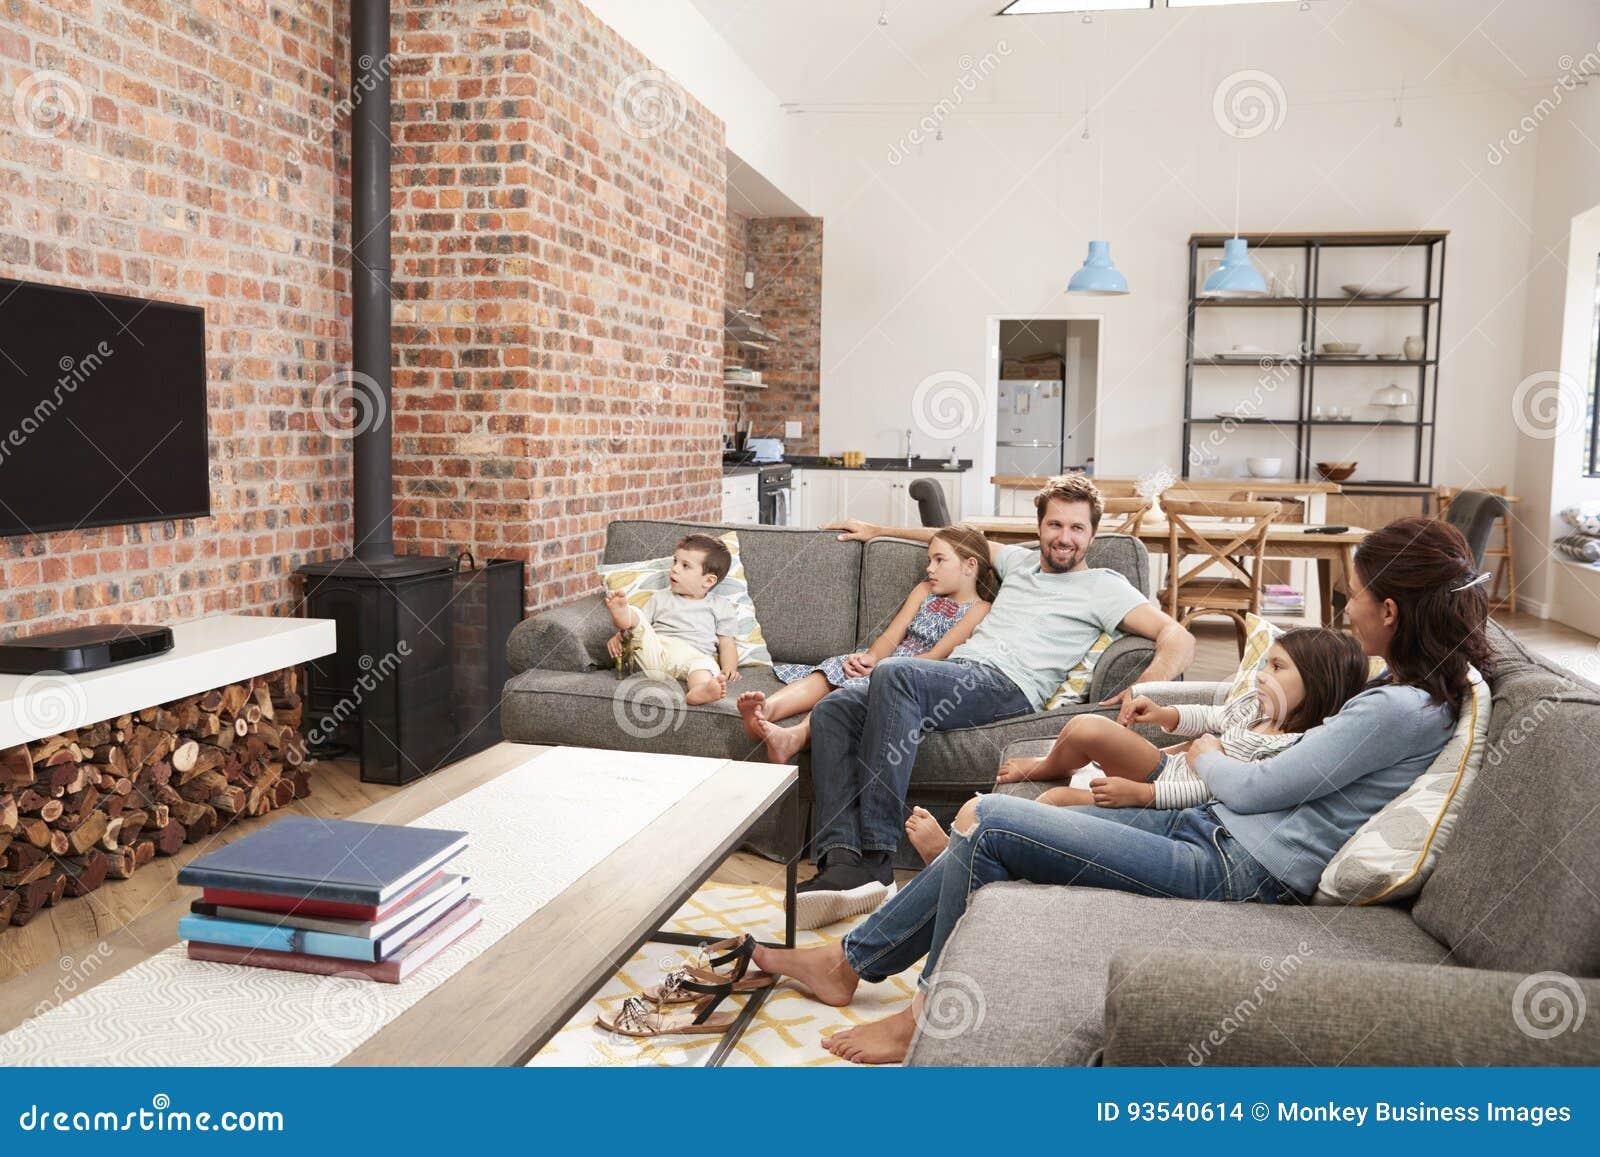 Familien-Sit On Sofa In Open-Plan-Aufenthaltsraum-aufpassendes Fernsehen